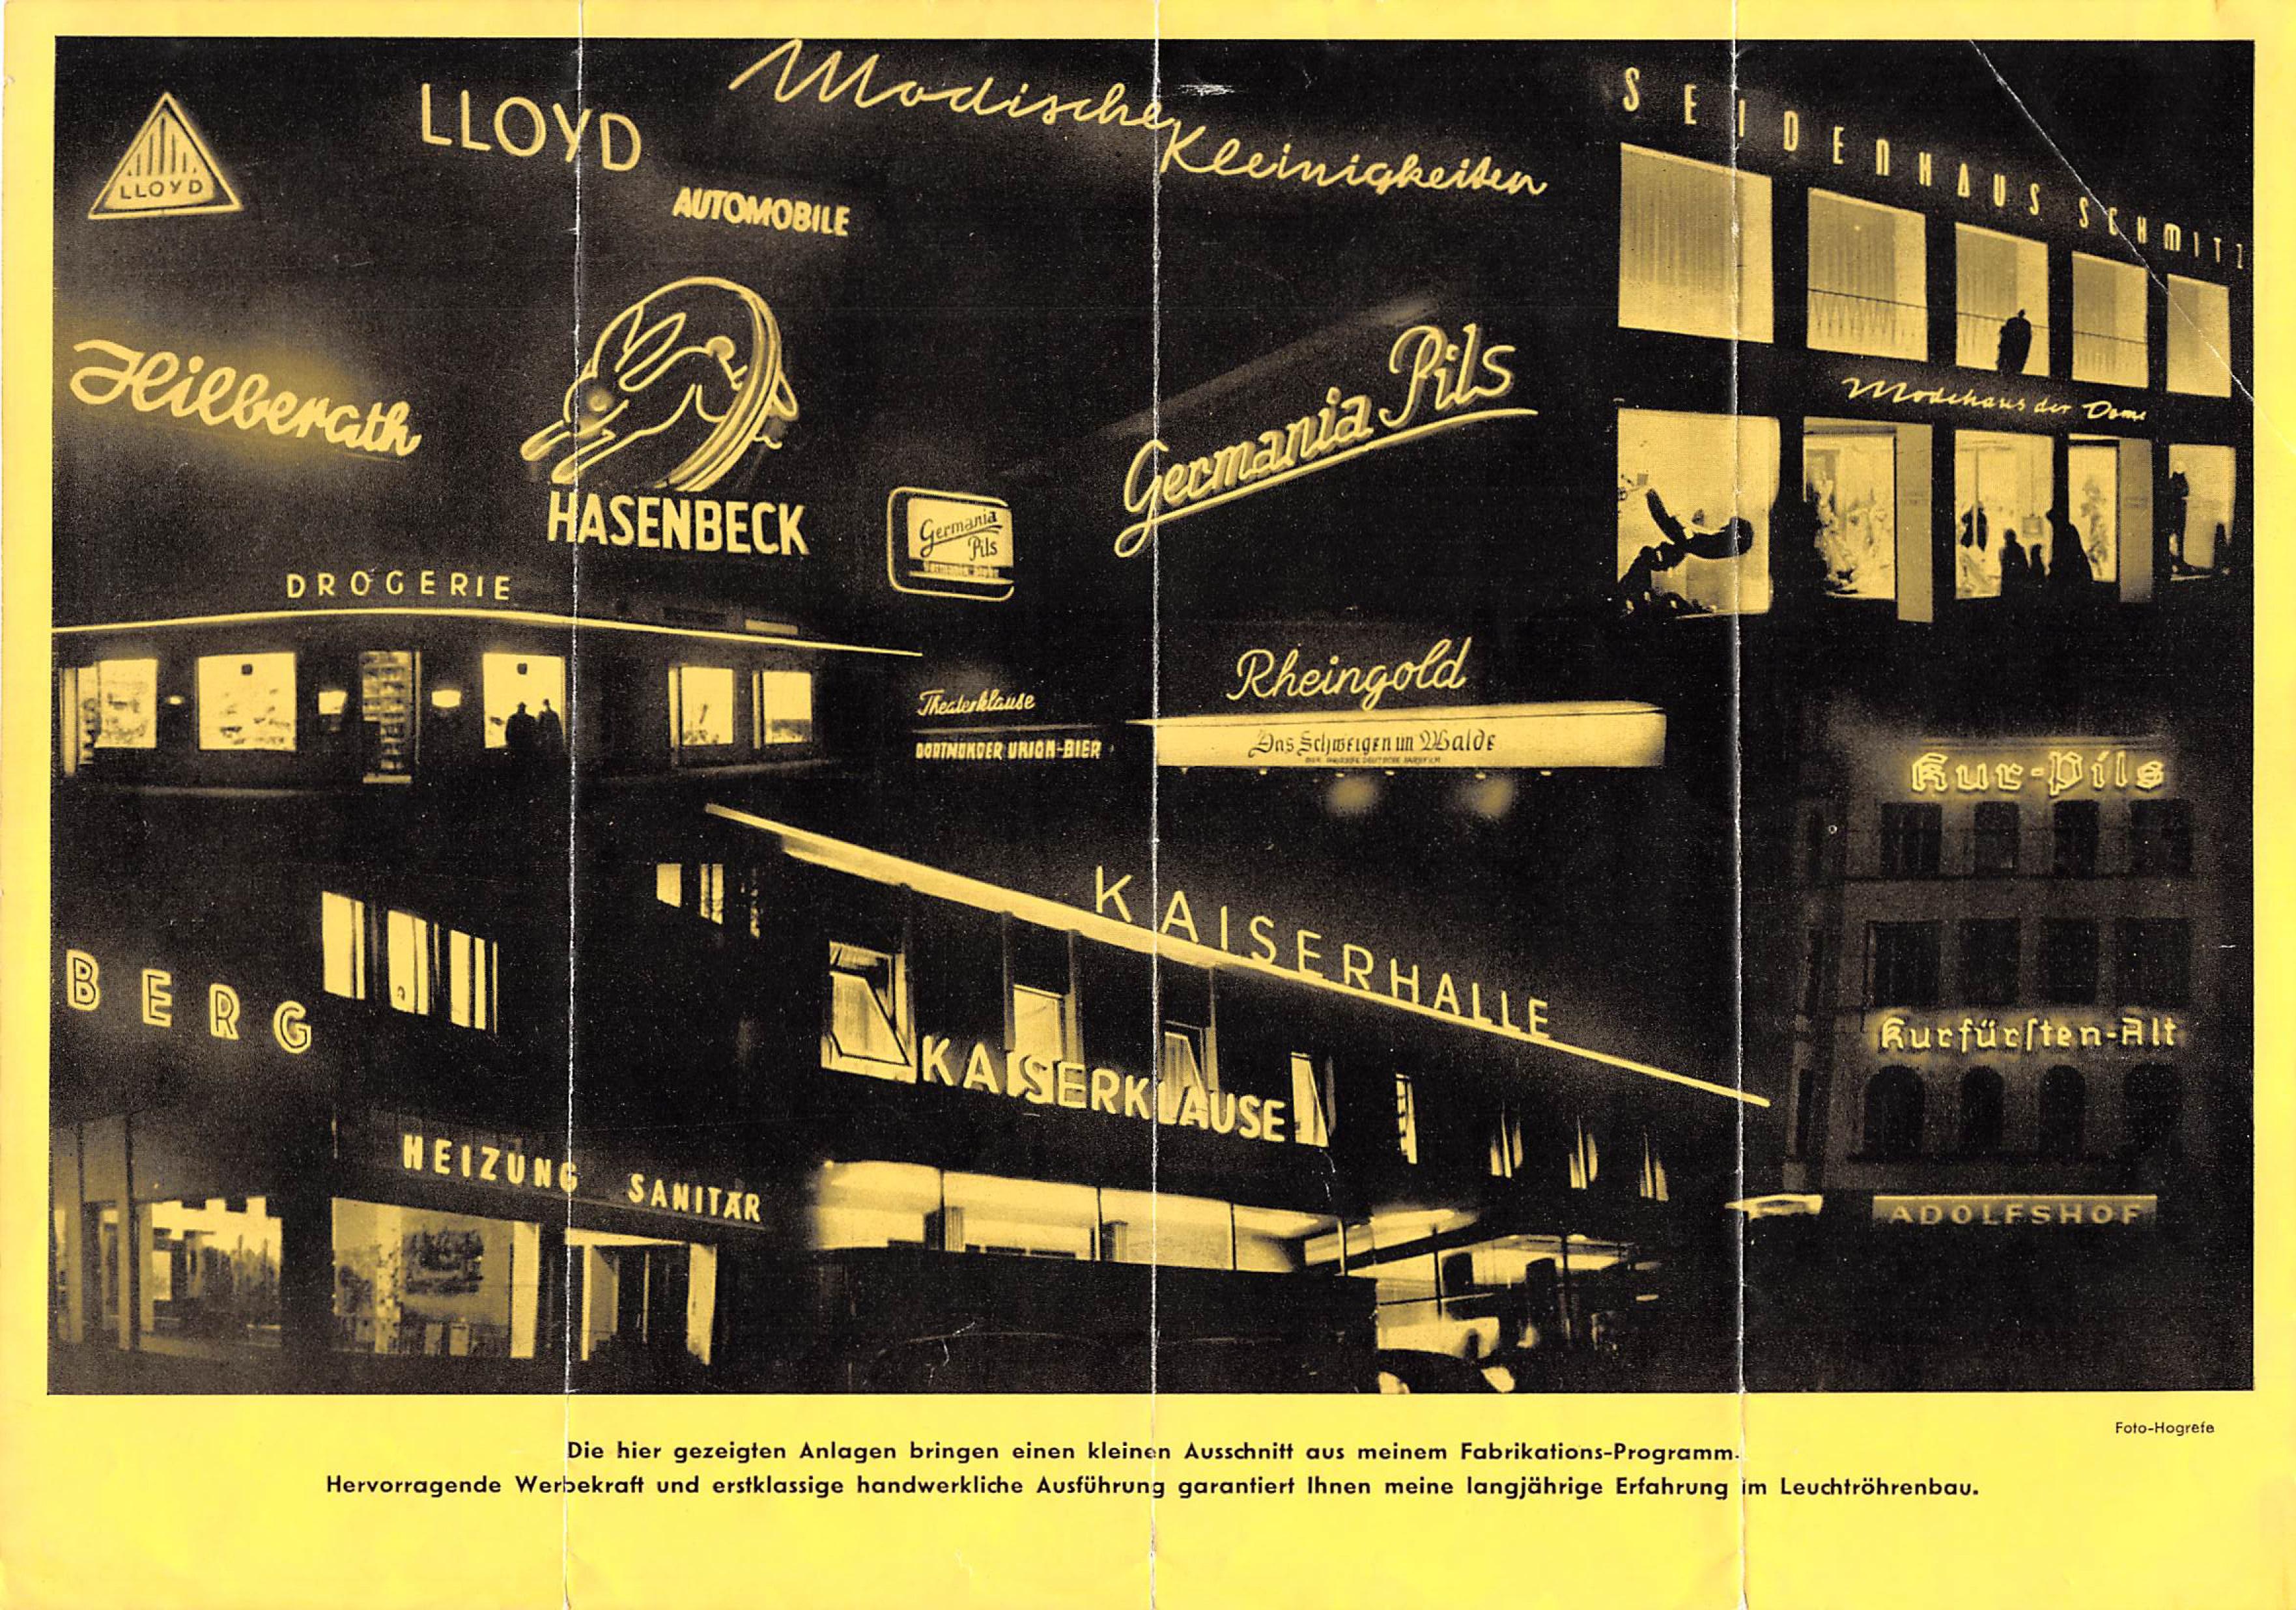 Altes Werbeplakat von Greiner Werbetechnik